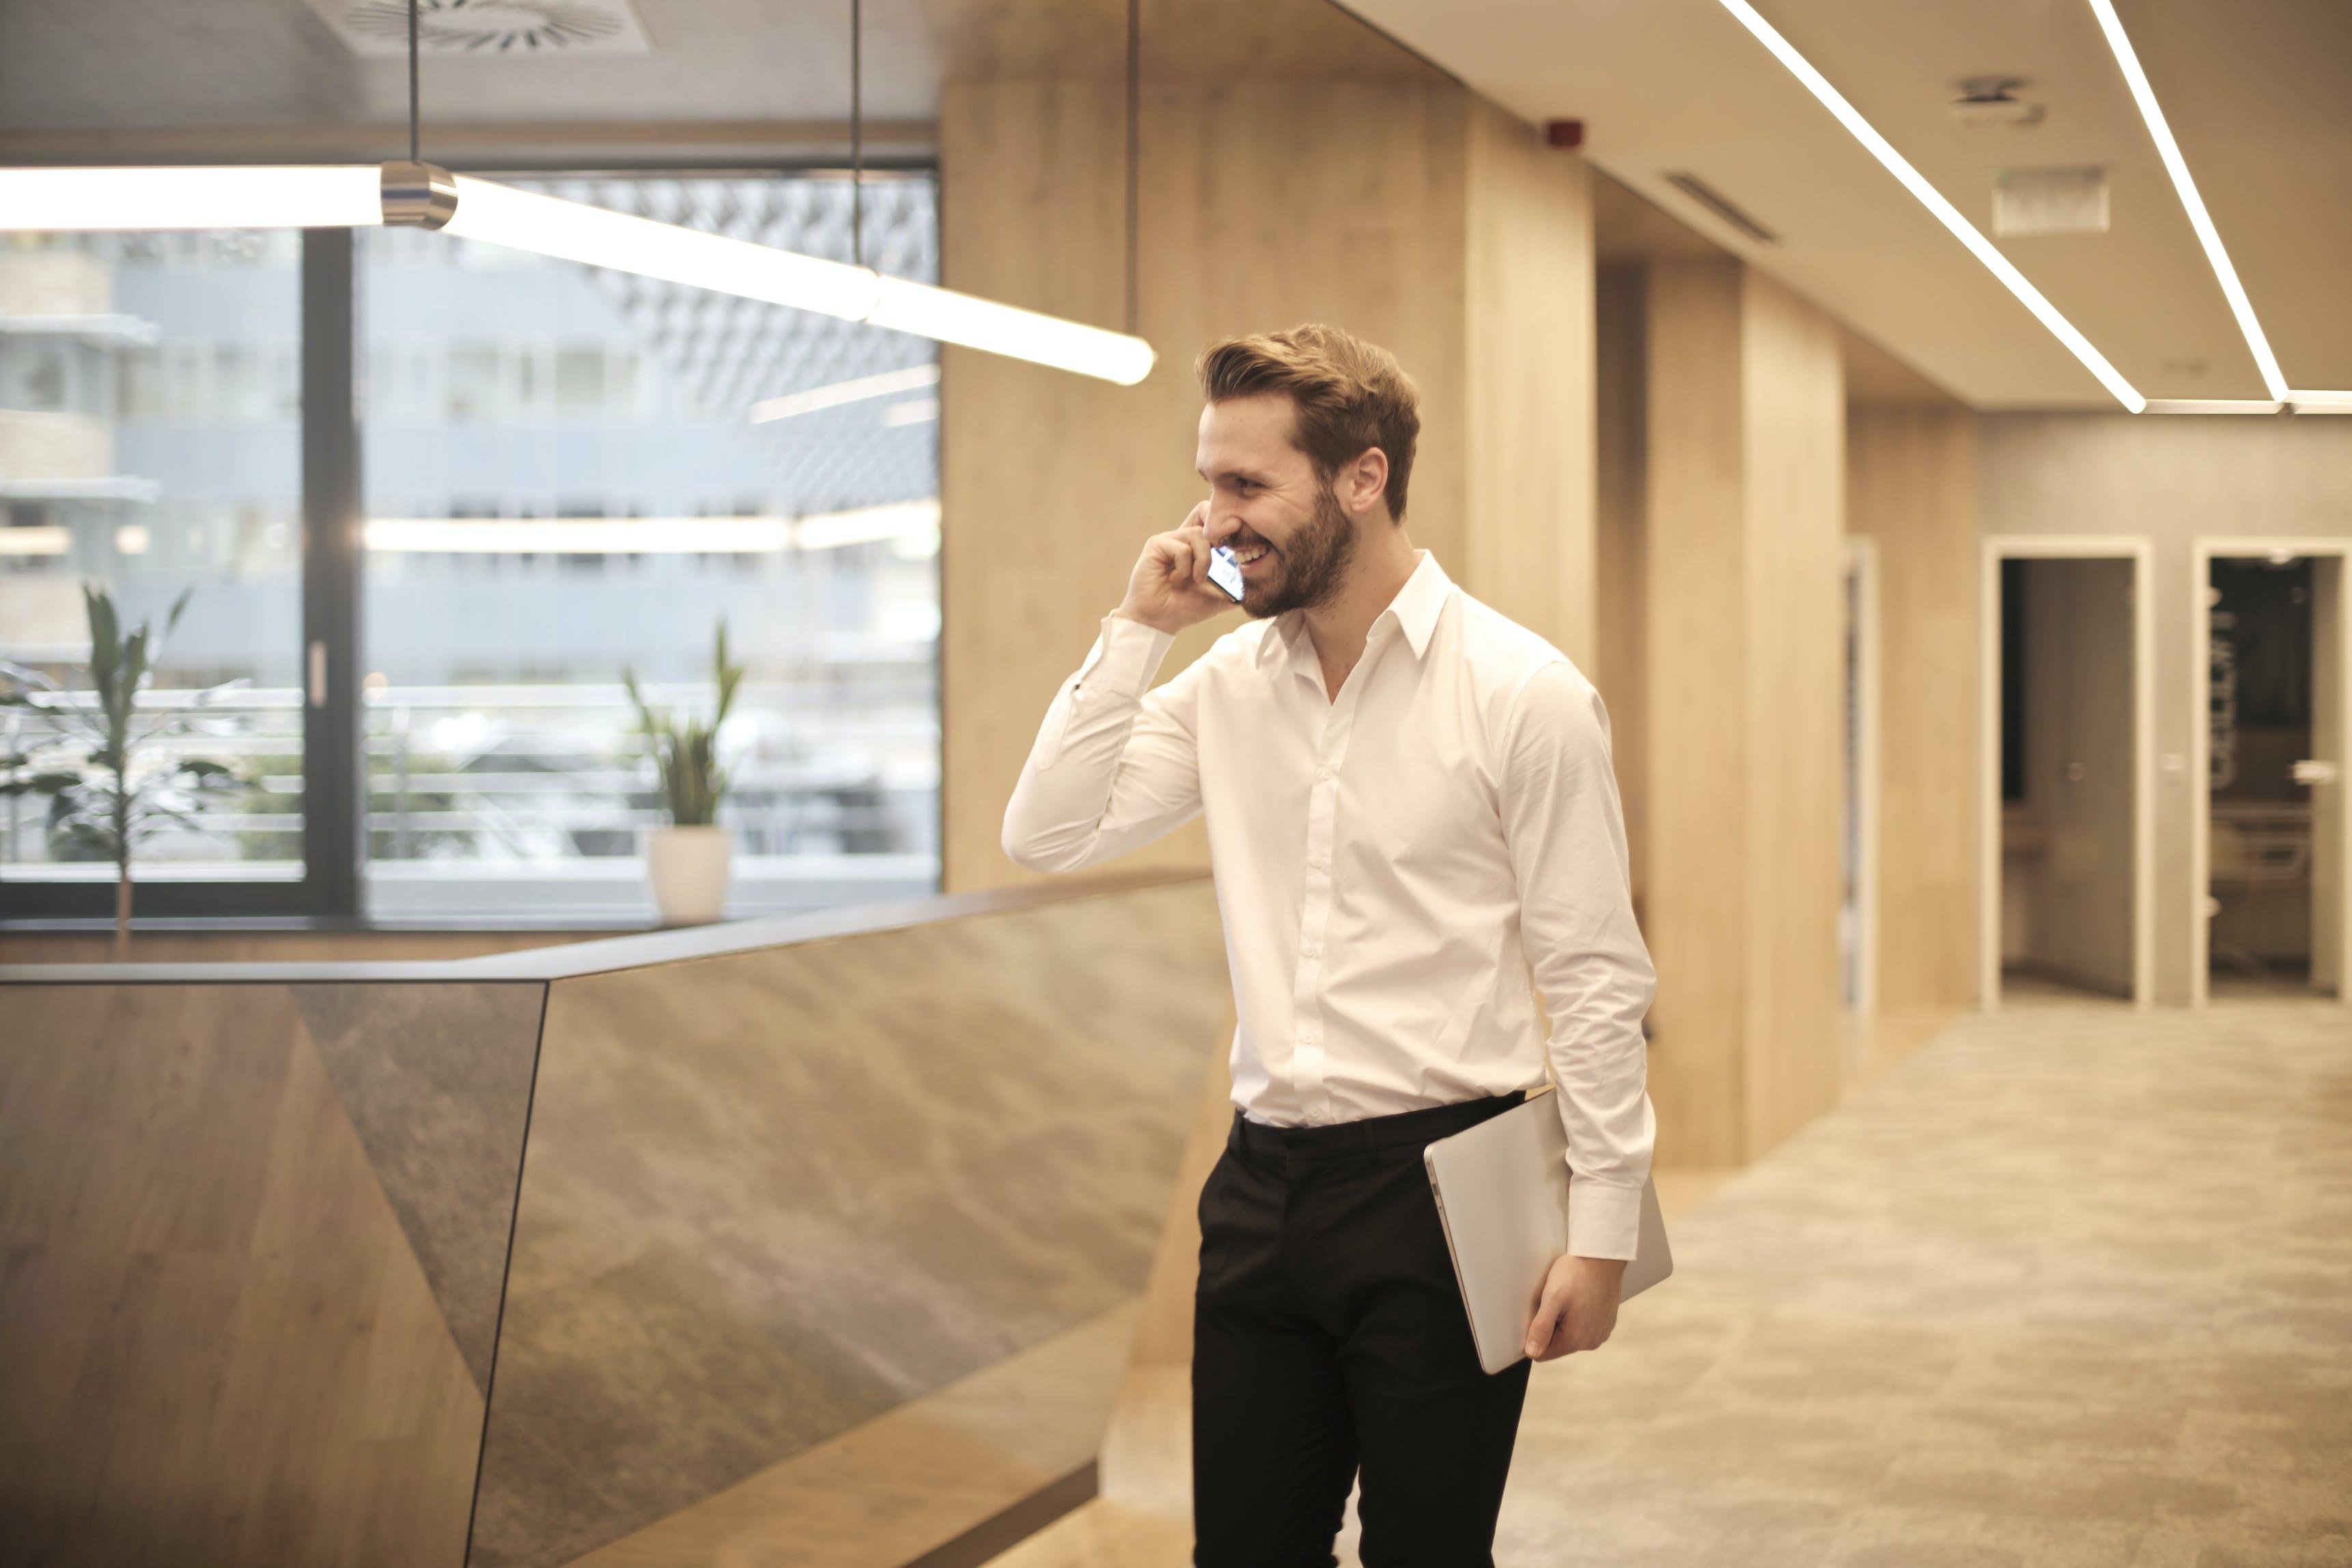 of beard, business, businessman, call